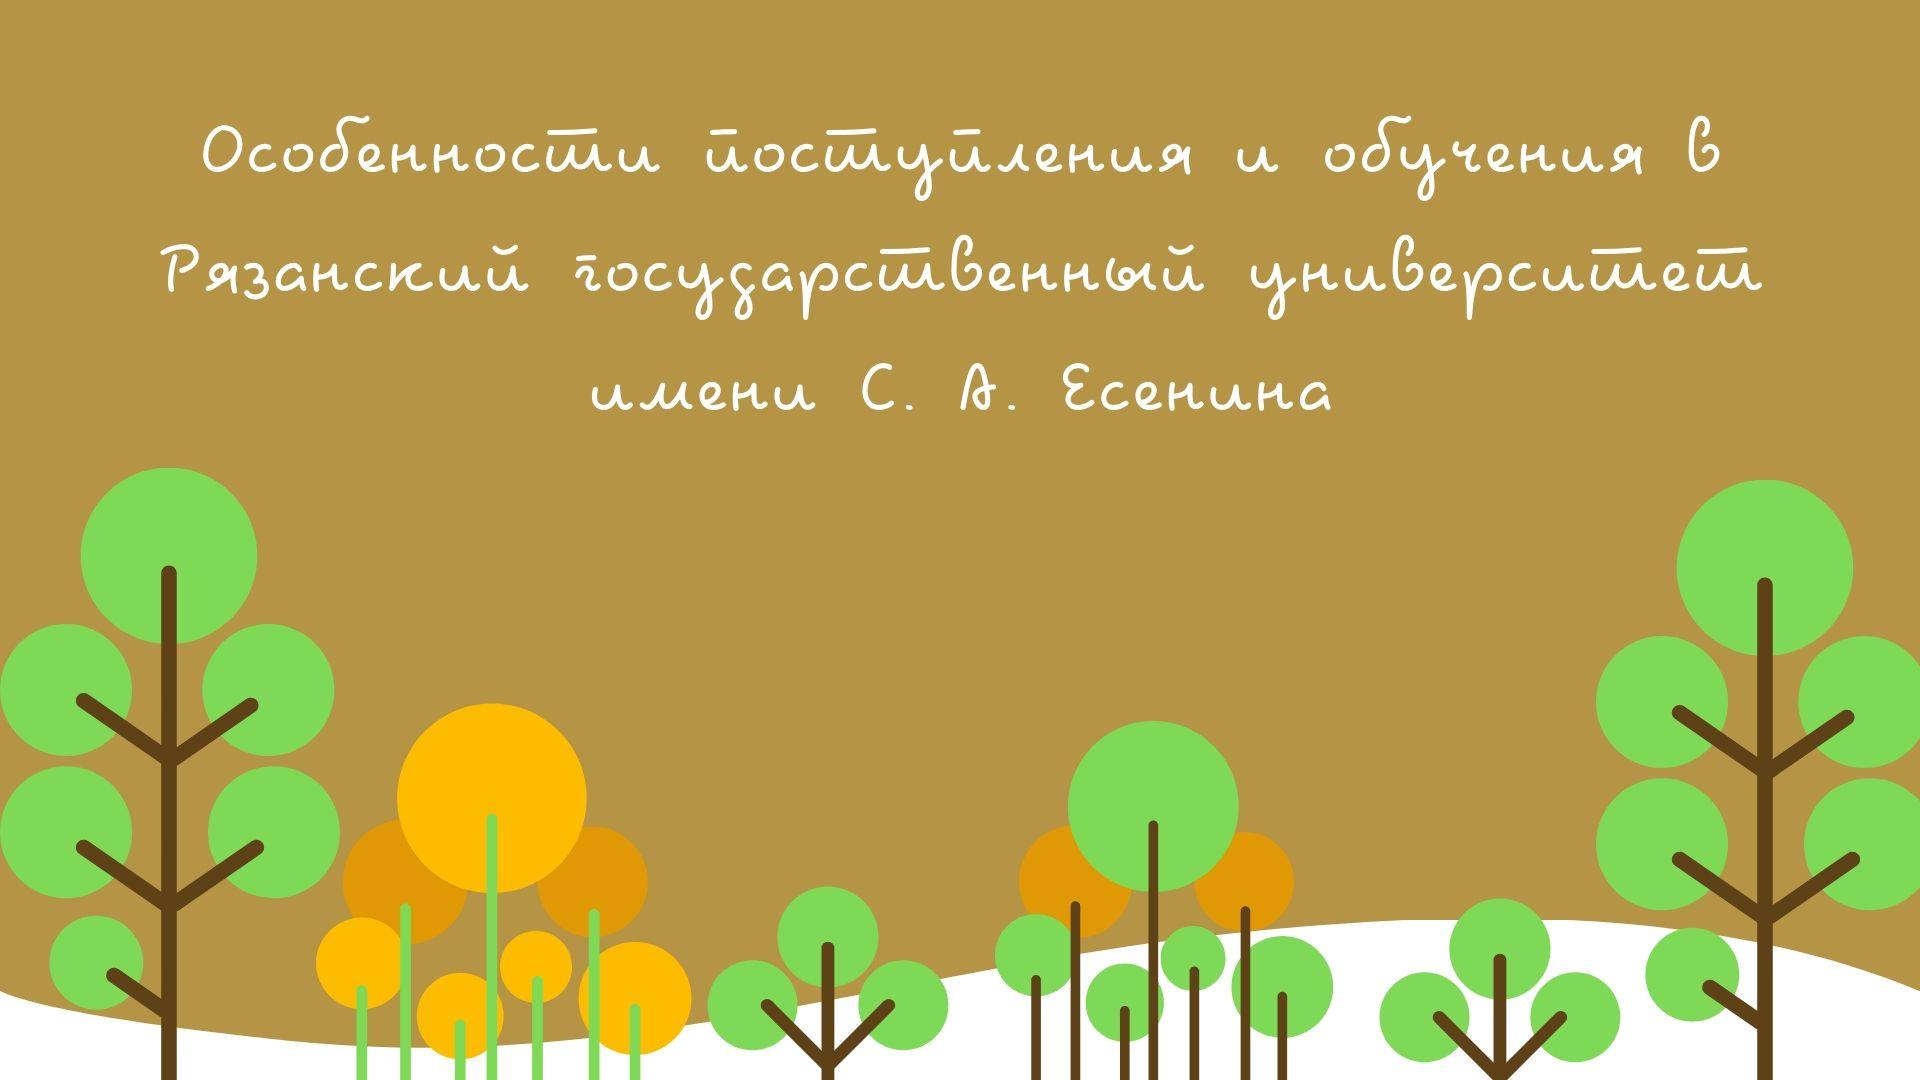 Особенности поступления и обучения в Рязанский государственный университет имени С. А. Есенина